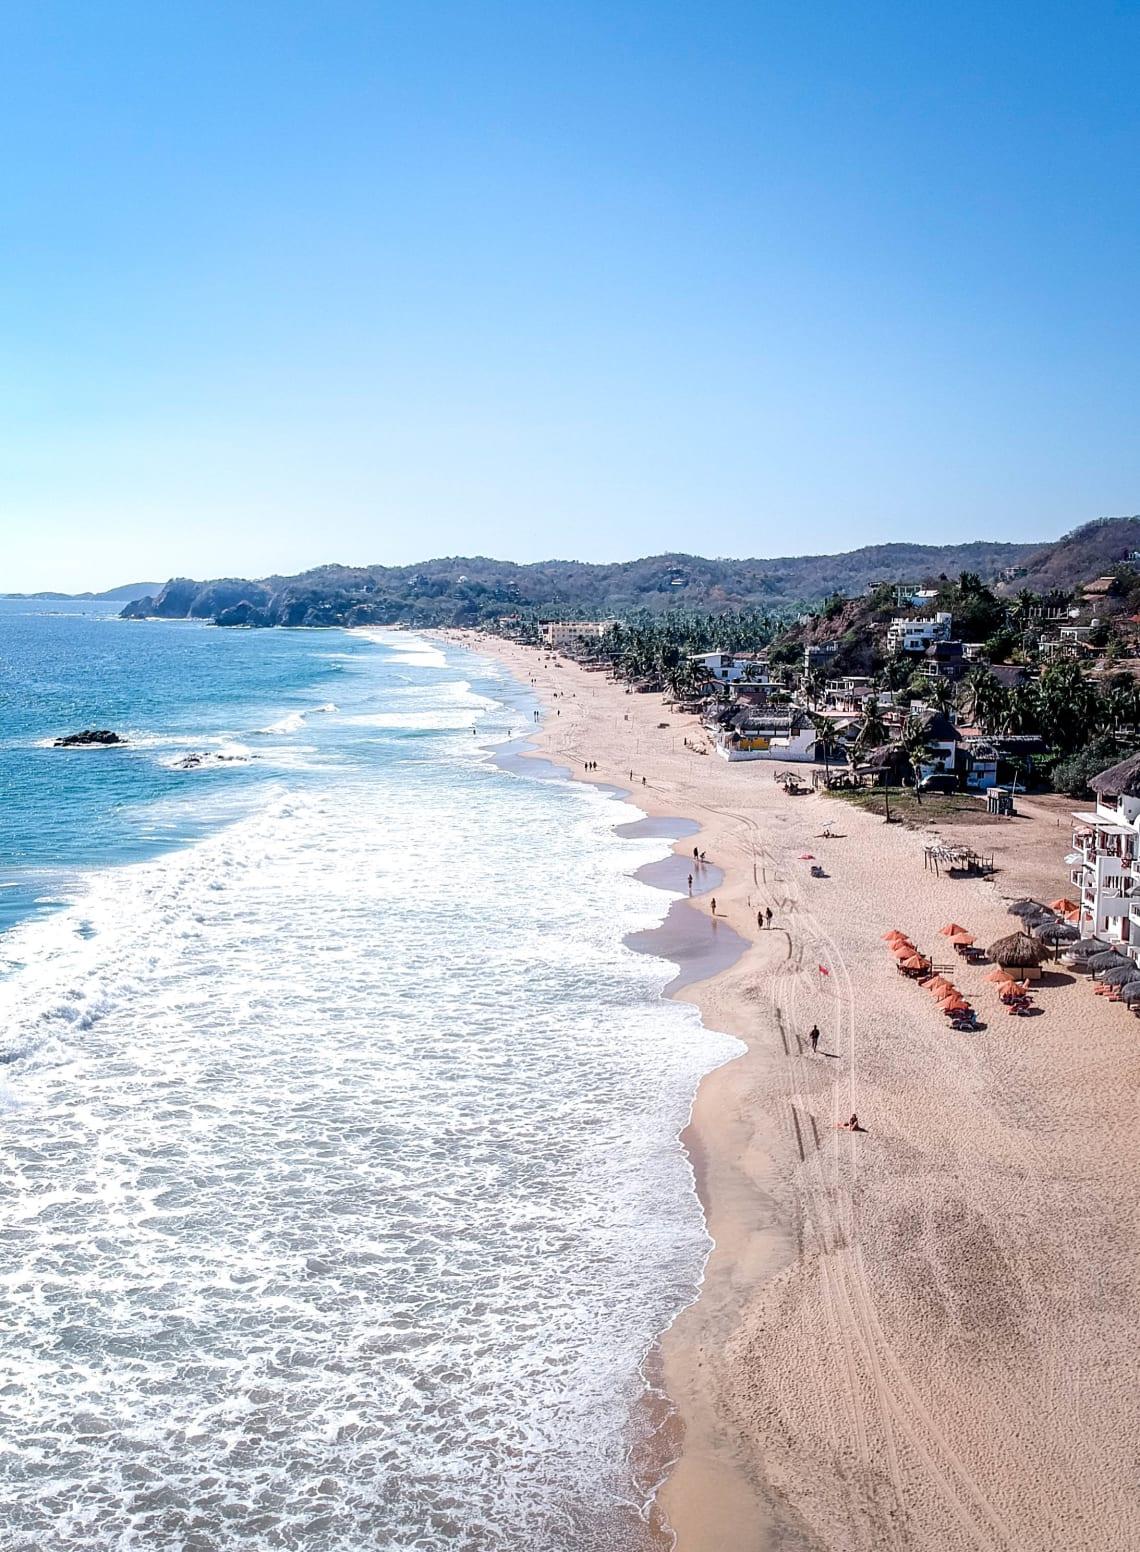 Lugares baratos para visitar Puerto Escondido, México - Worldpackers - vista aerea de una playa en puerto escondido